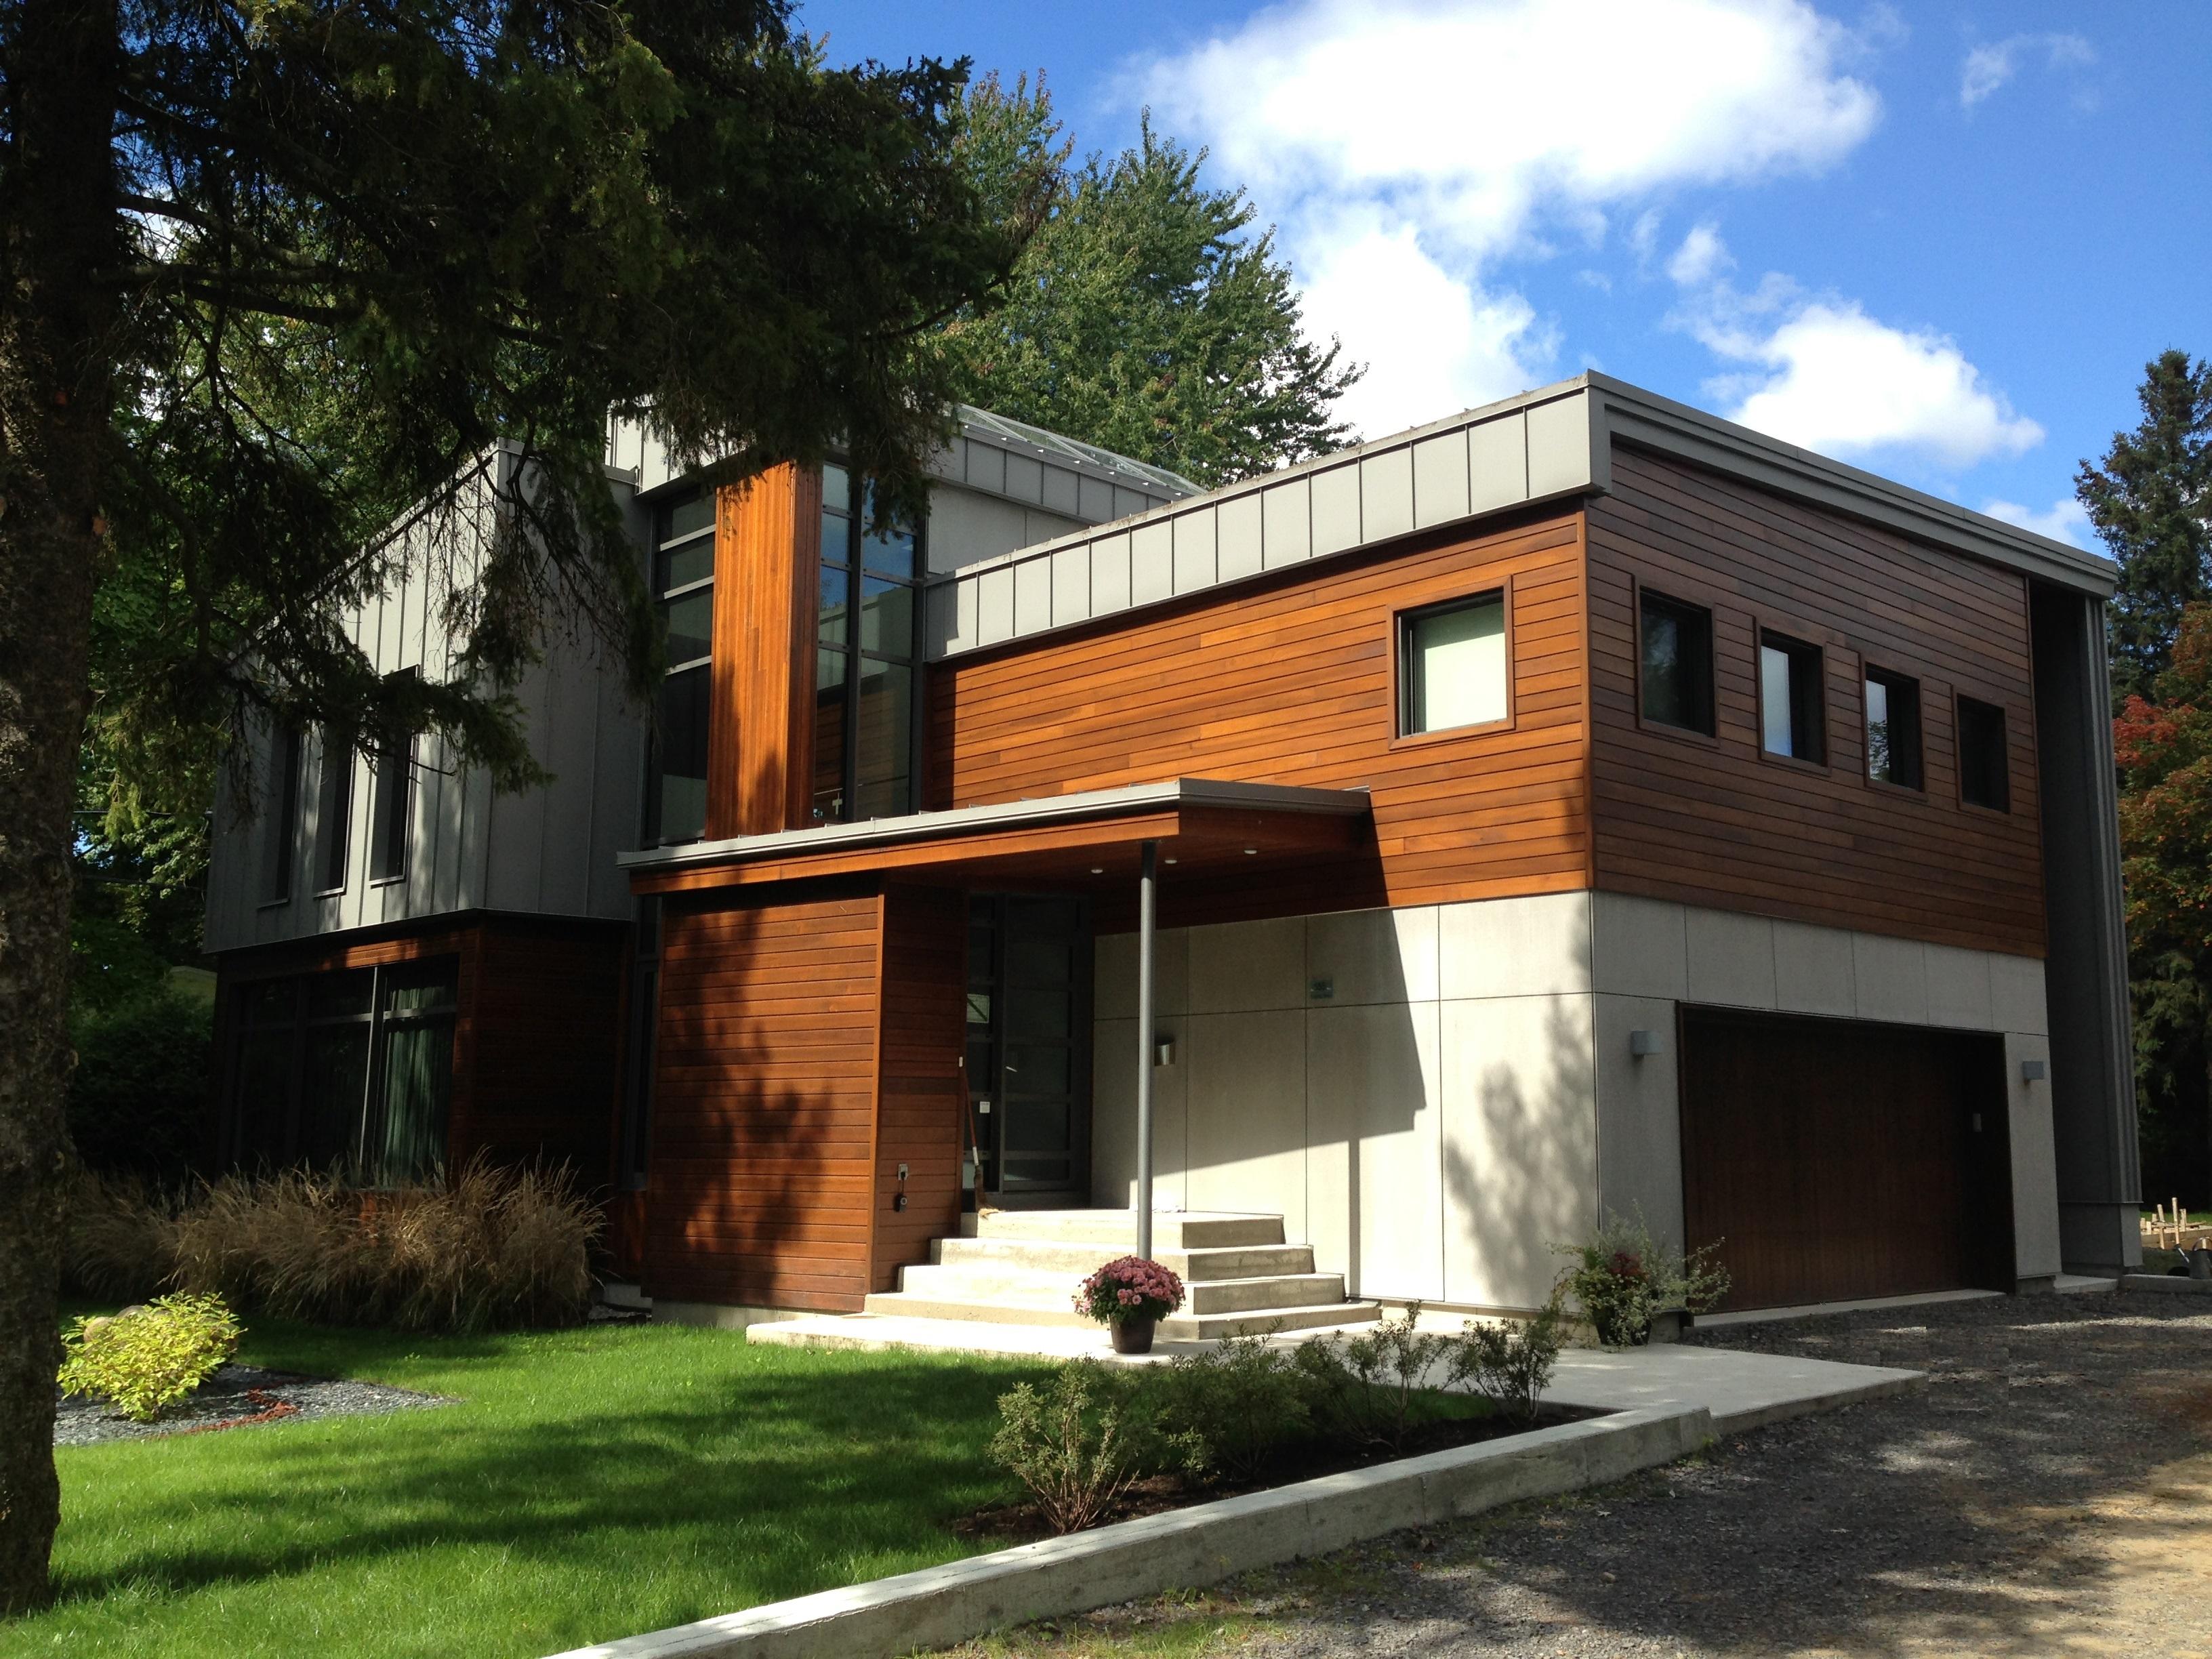 03 projet architectural contemporain finaliste prix domus 2013 region metropolitaine bois nature construction entrepreneur general construction renovation dans les laurentides